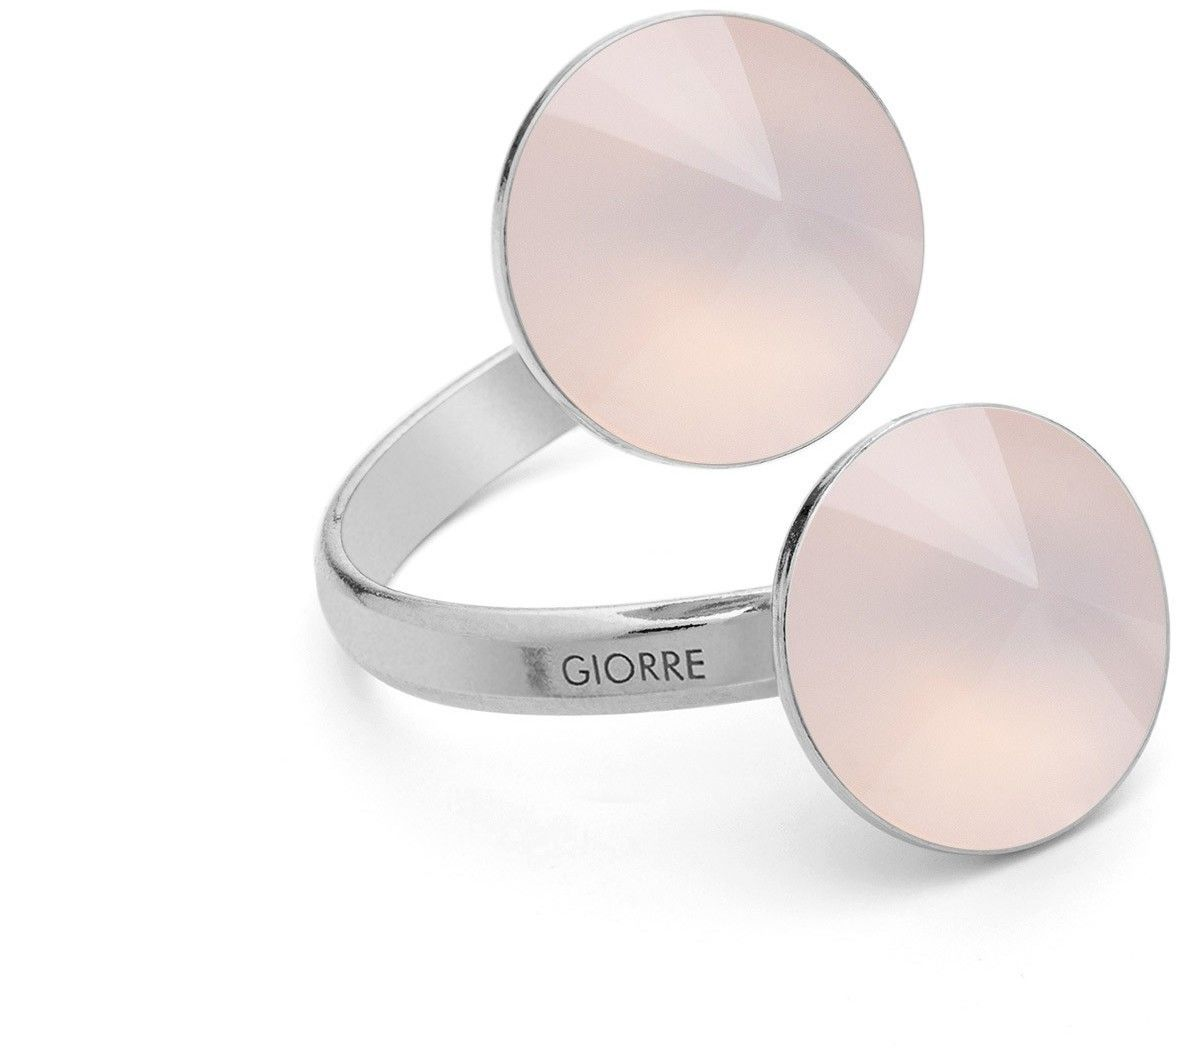 Pierścionek z dwoma naturalnymi kamieniami - kwarc, srebro 925 : Kamienie naturalne - kolor - kwarc różowy jasny, Srebro - kolor pokrycia - Pokrycie platyną